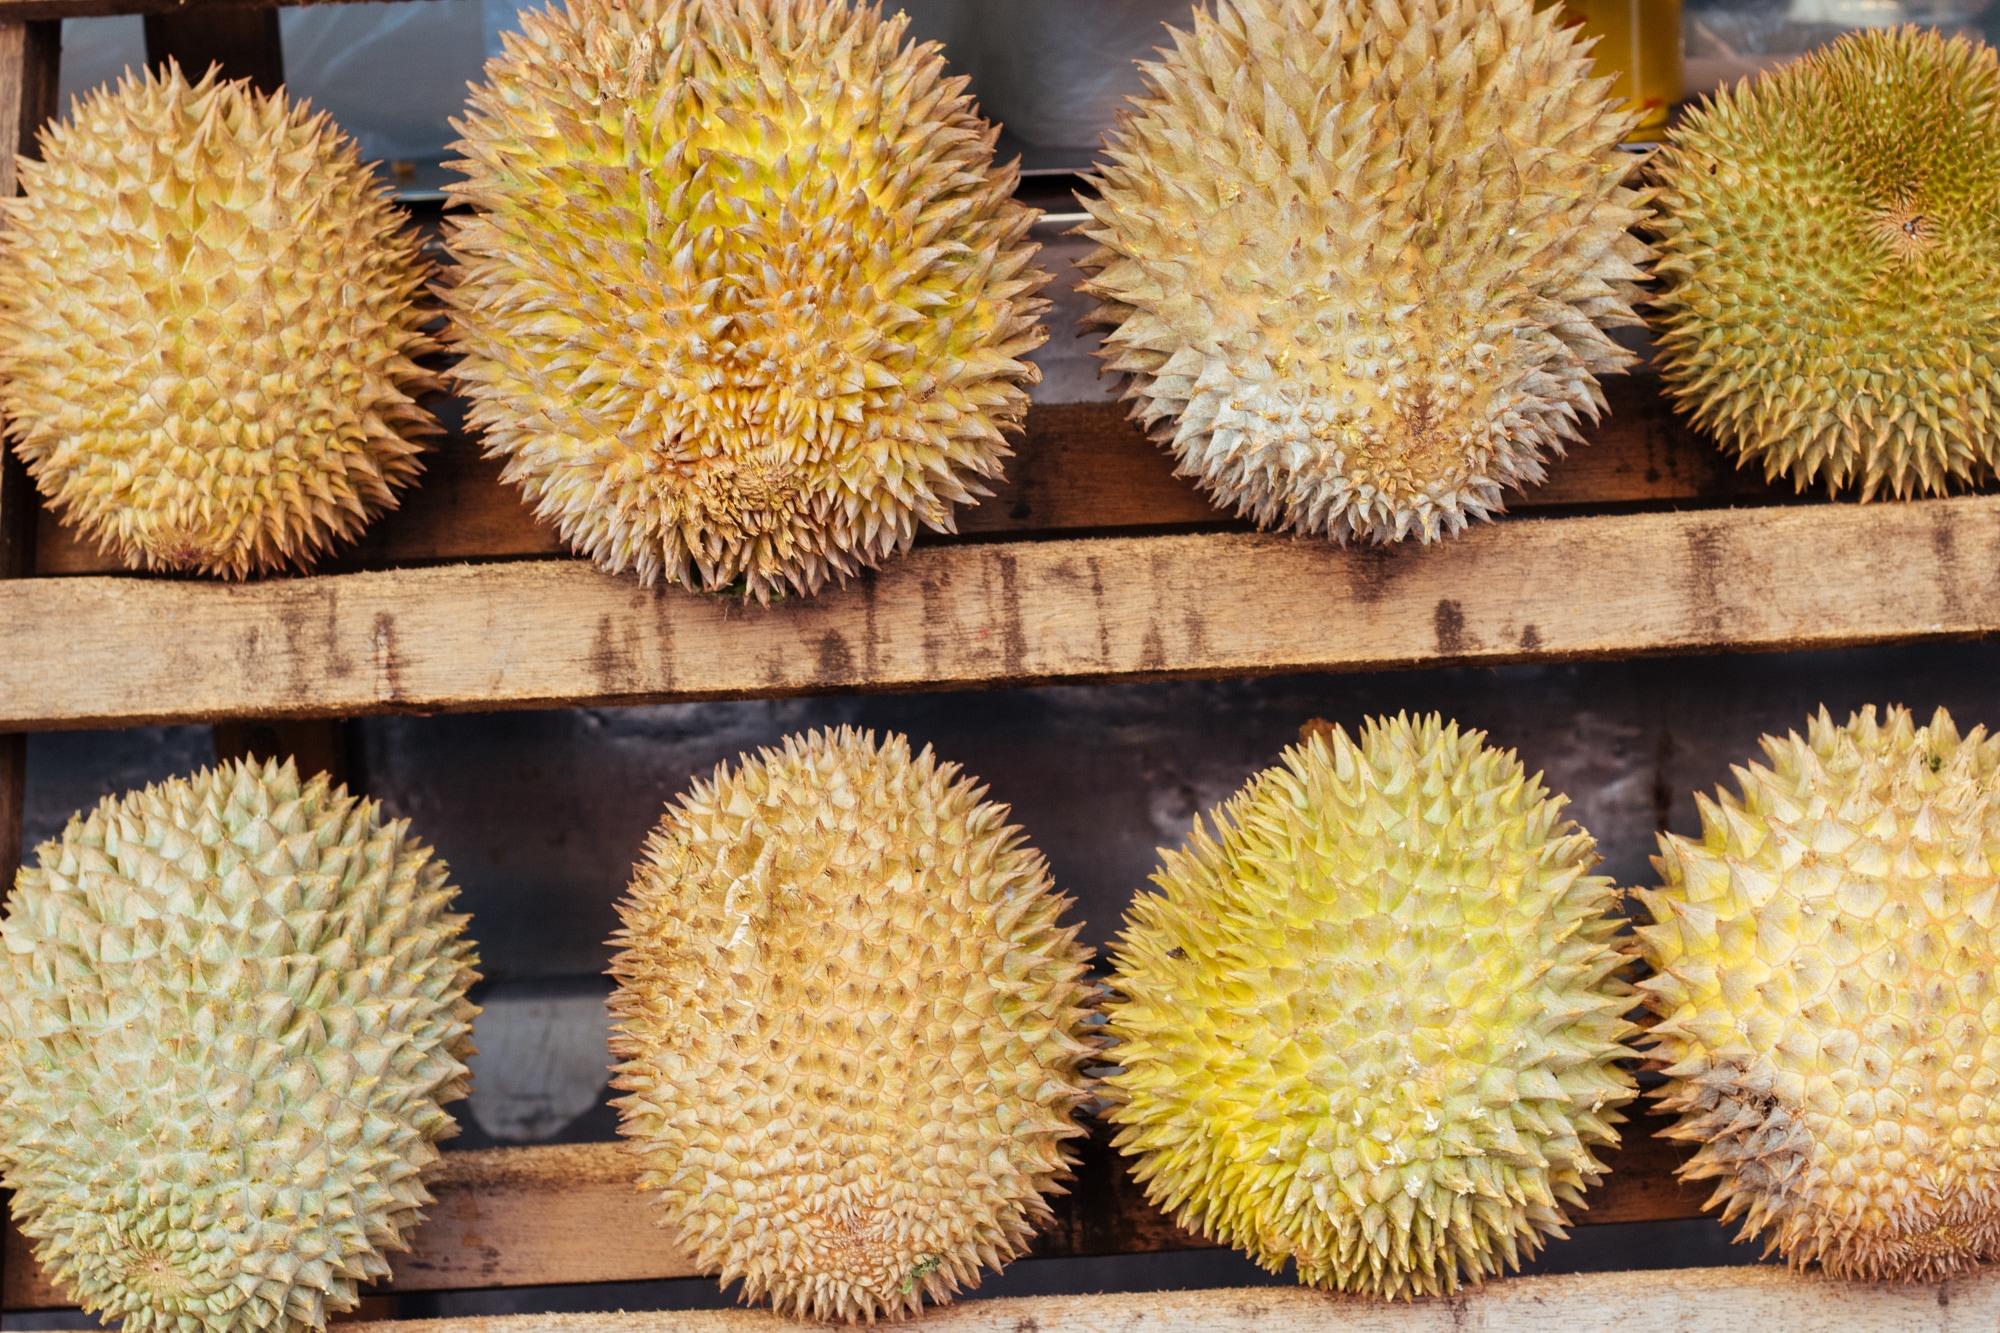 Durian in Kuala Lumpur